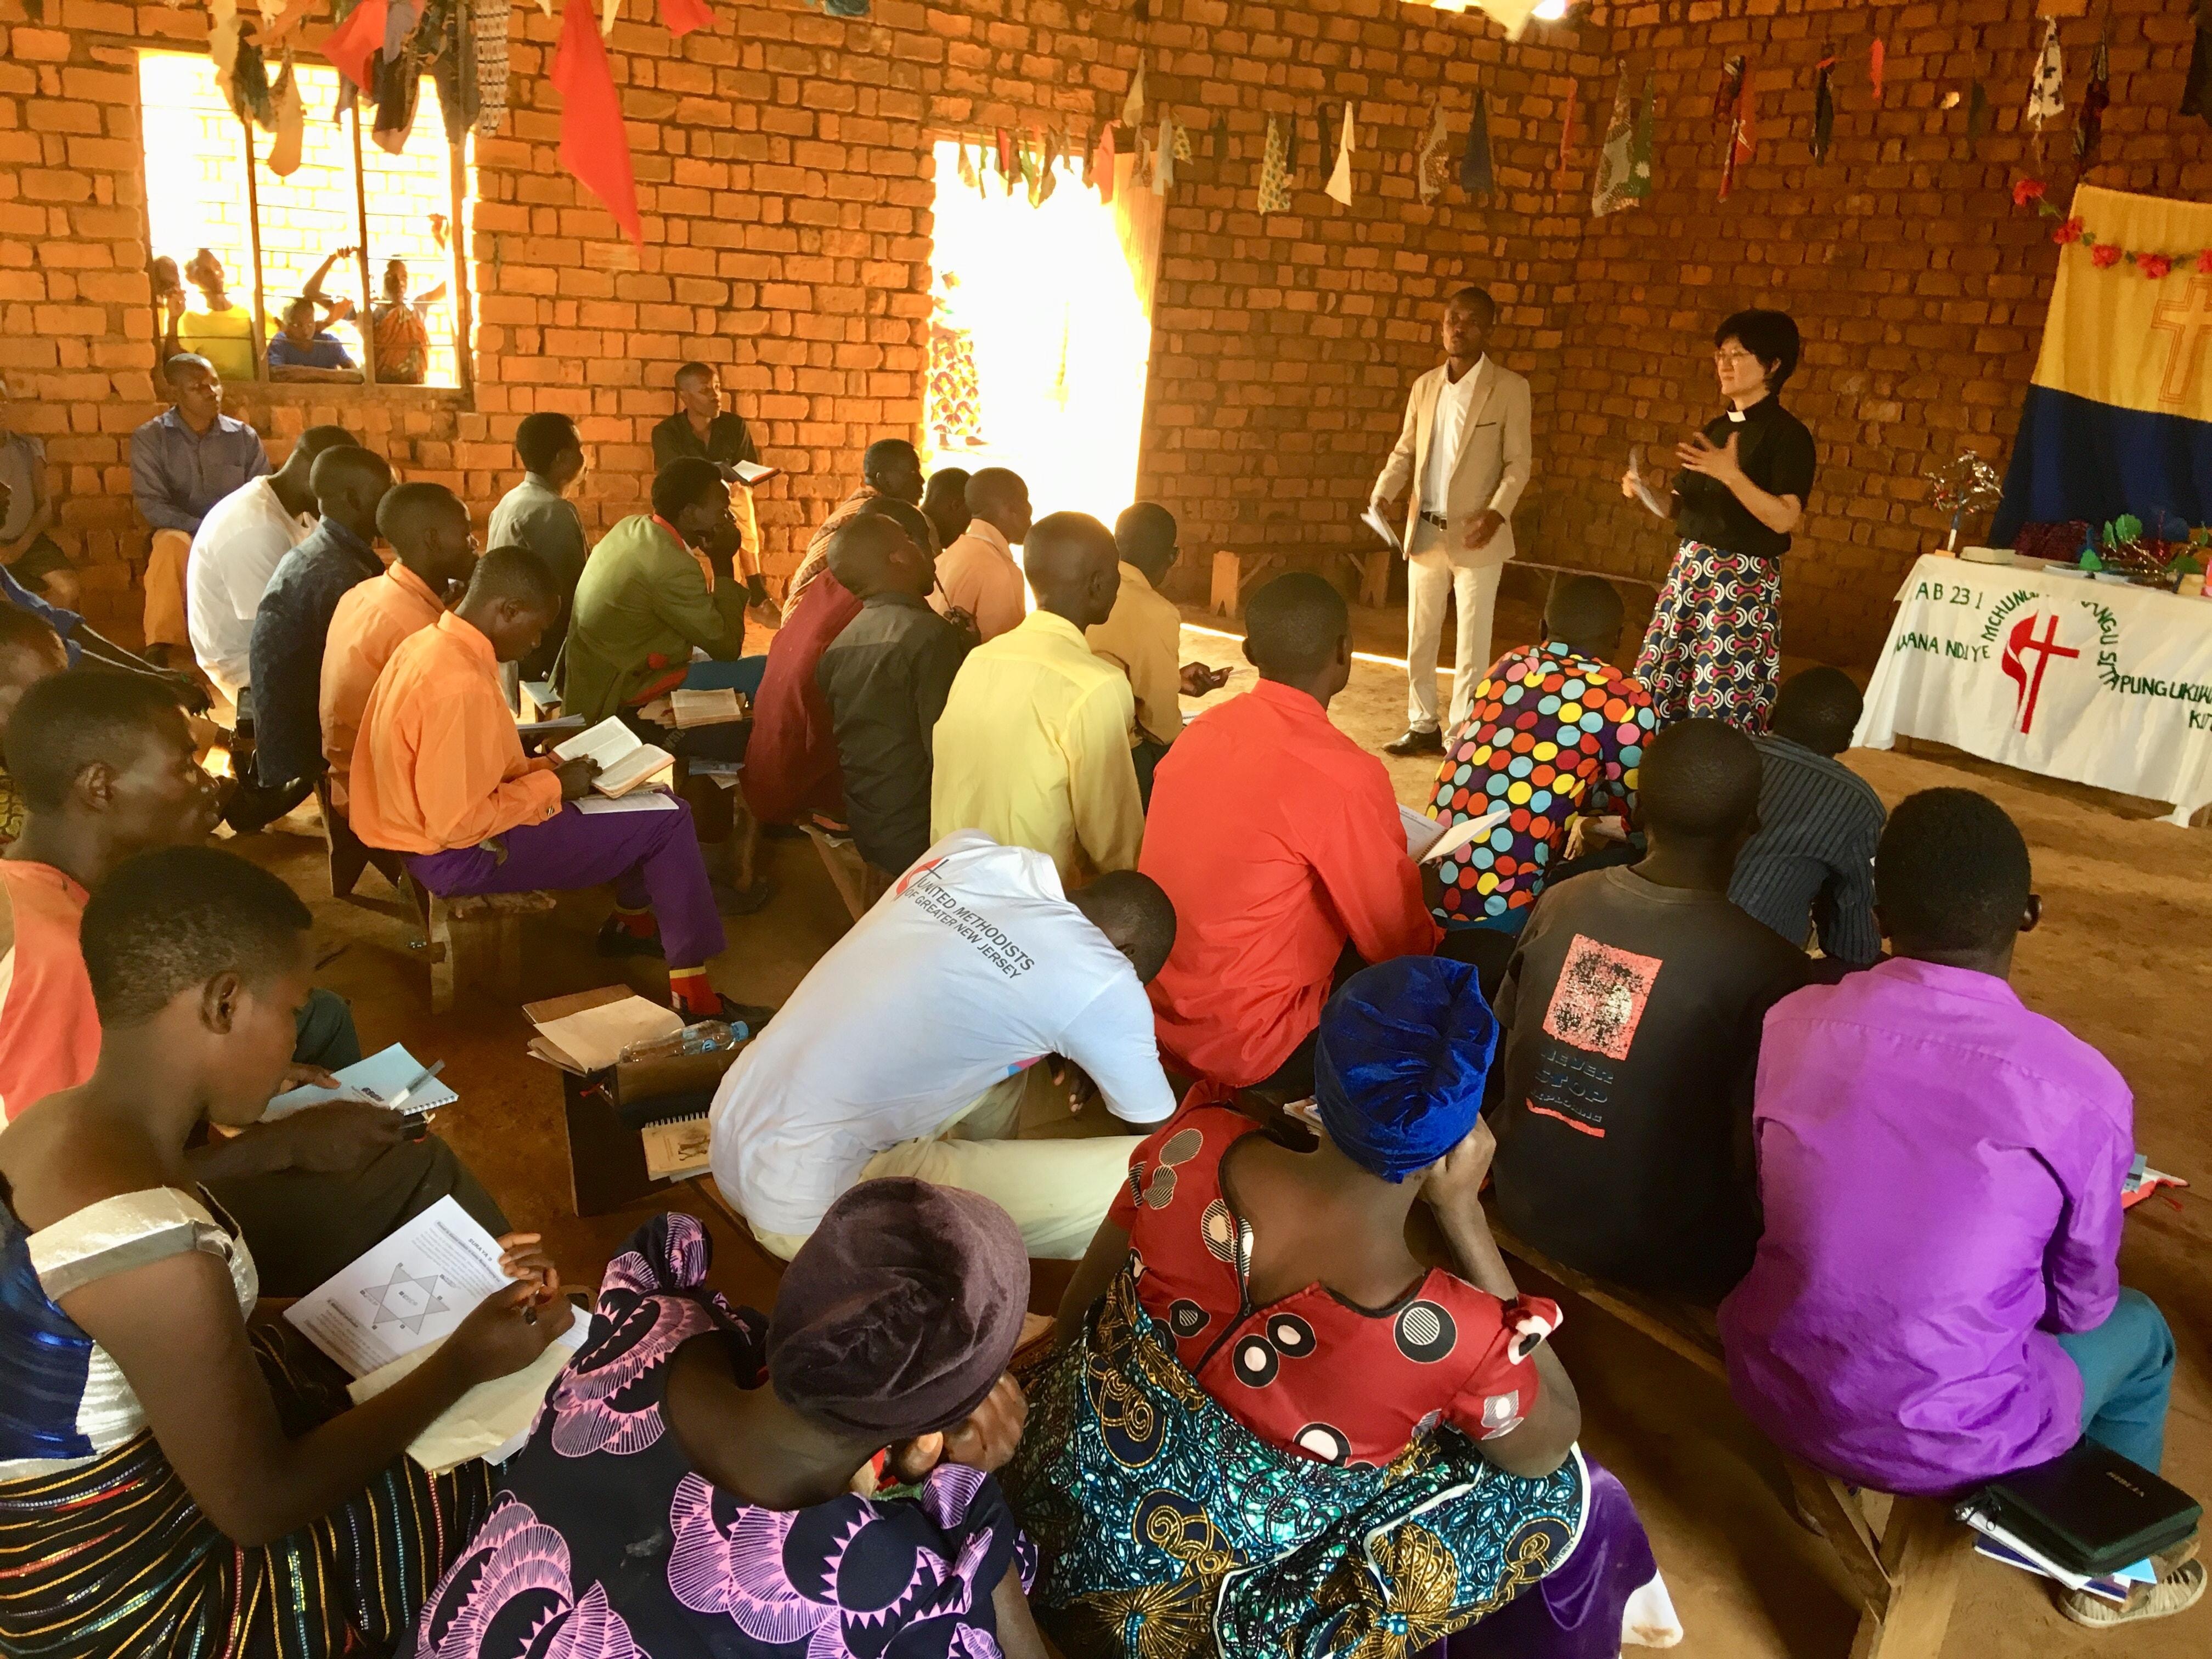 김영선 목사가 제자훈련사역의 하나인 청년 리더들을 교육하고 있는 모습. 사진 제공, 김영선 목사.